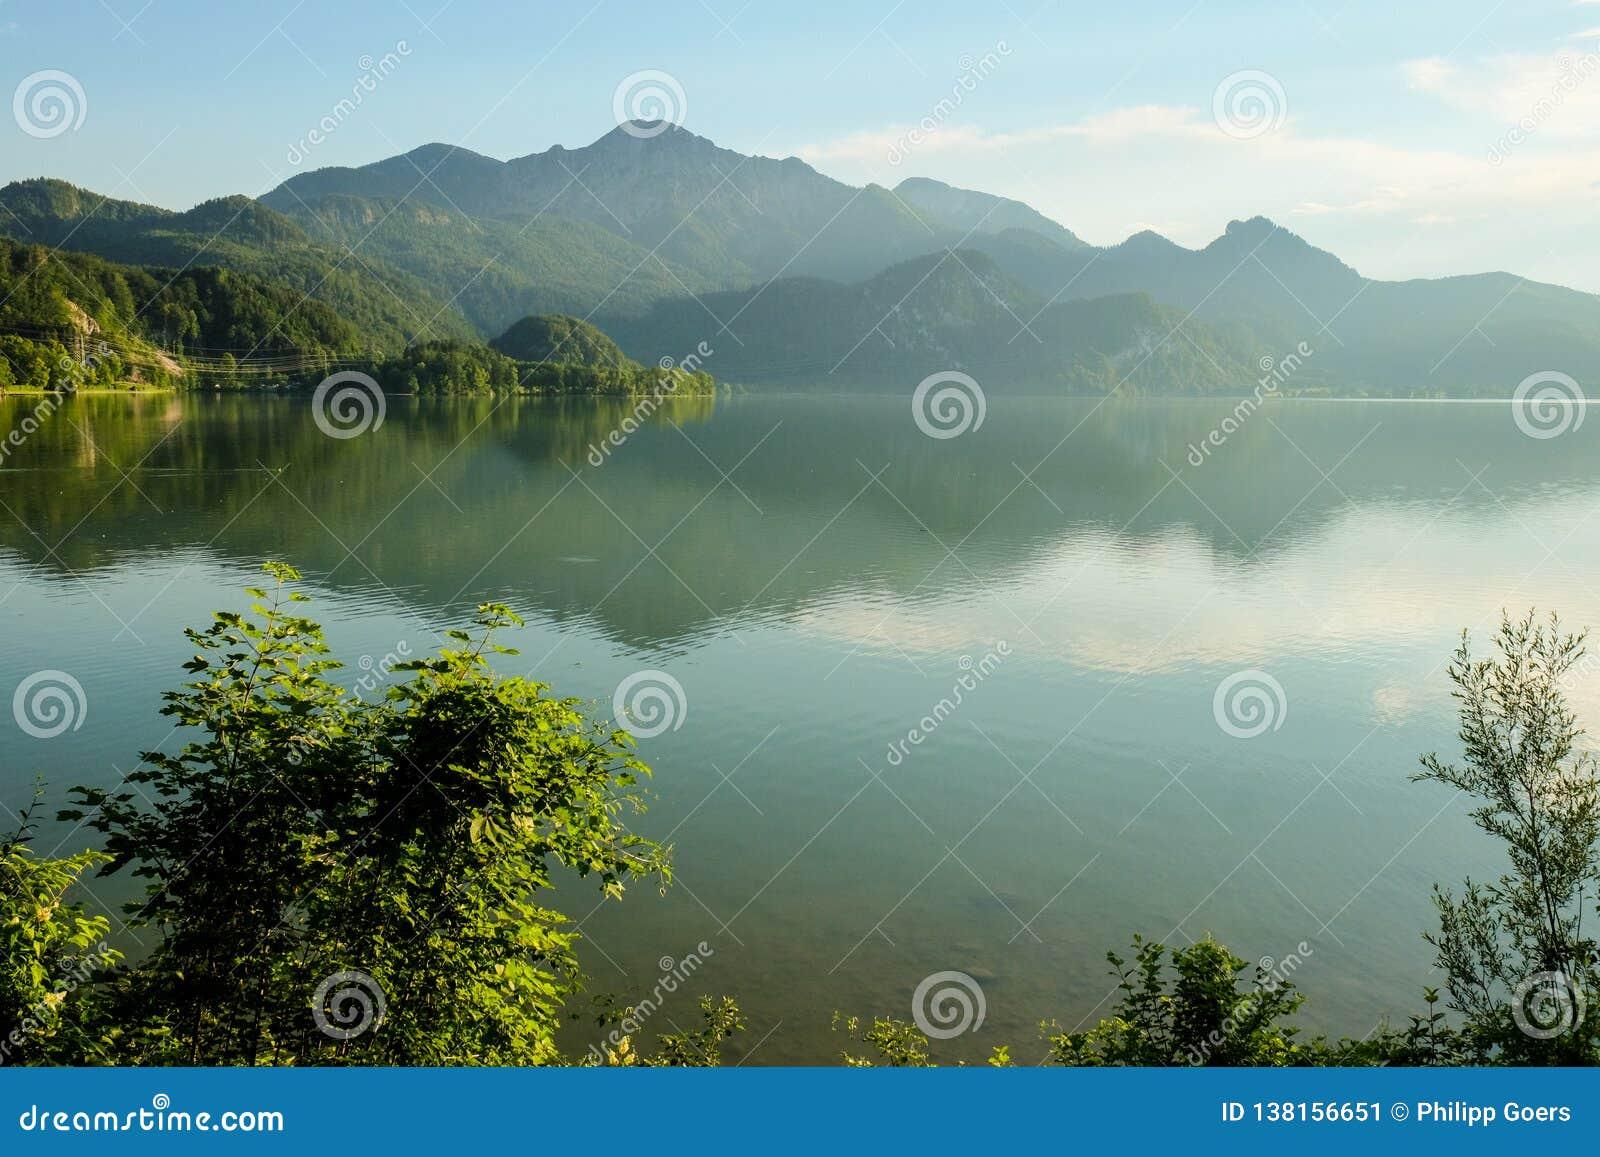 Paesaggio nebbioso idilliaco della montagna con un lago e montagne nei precedenti